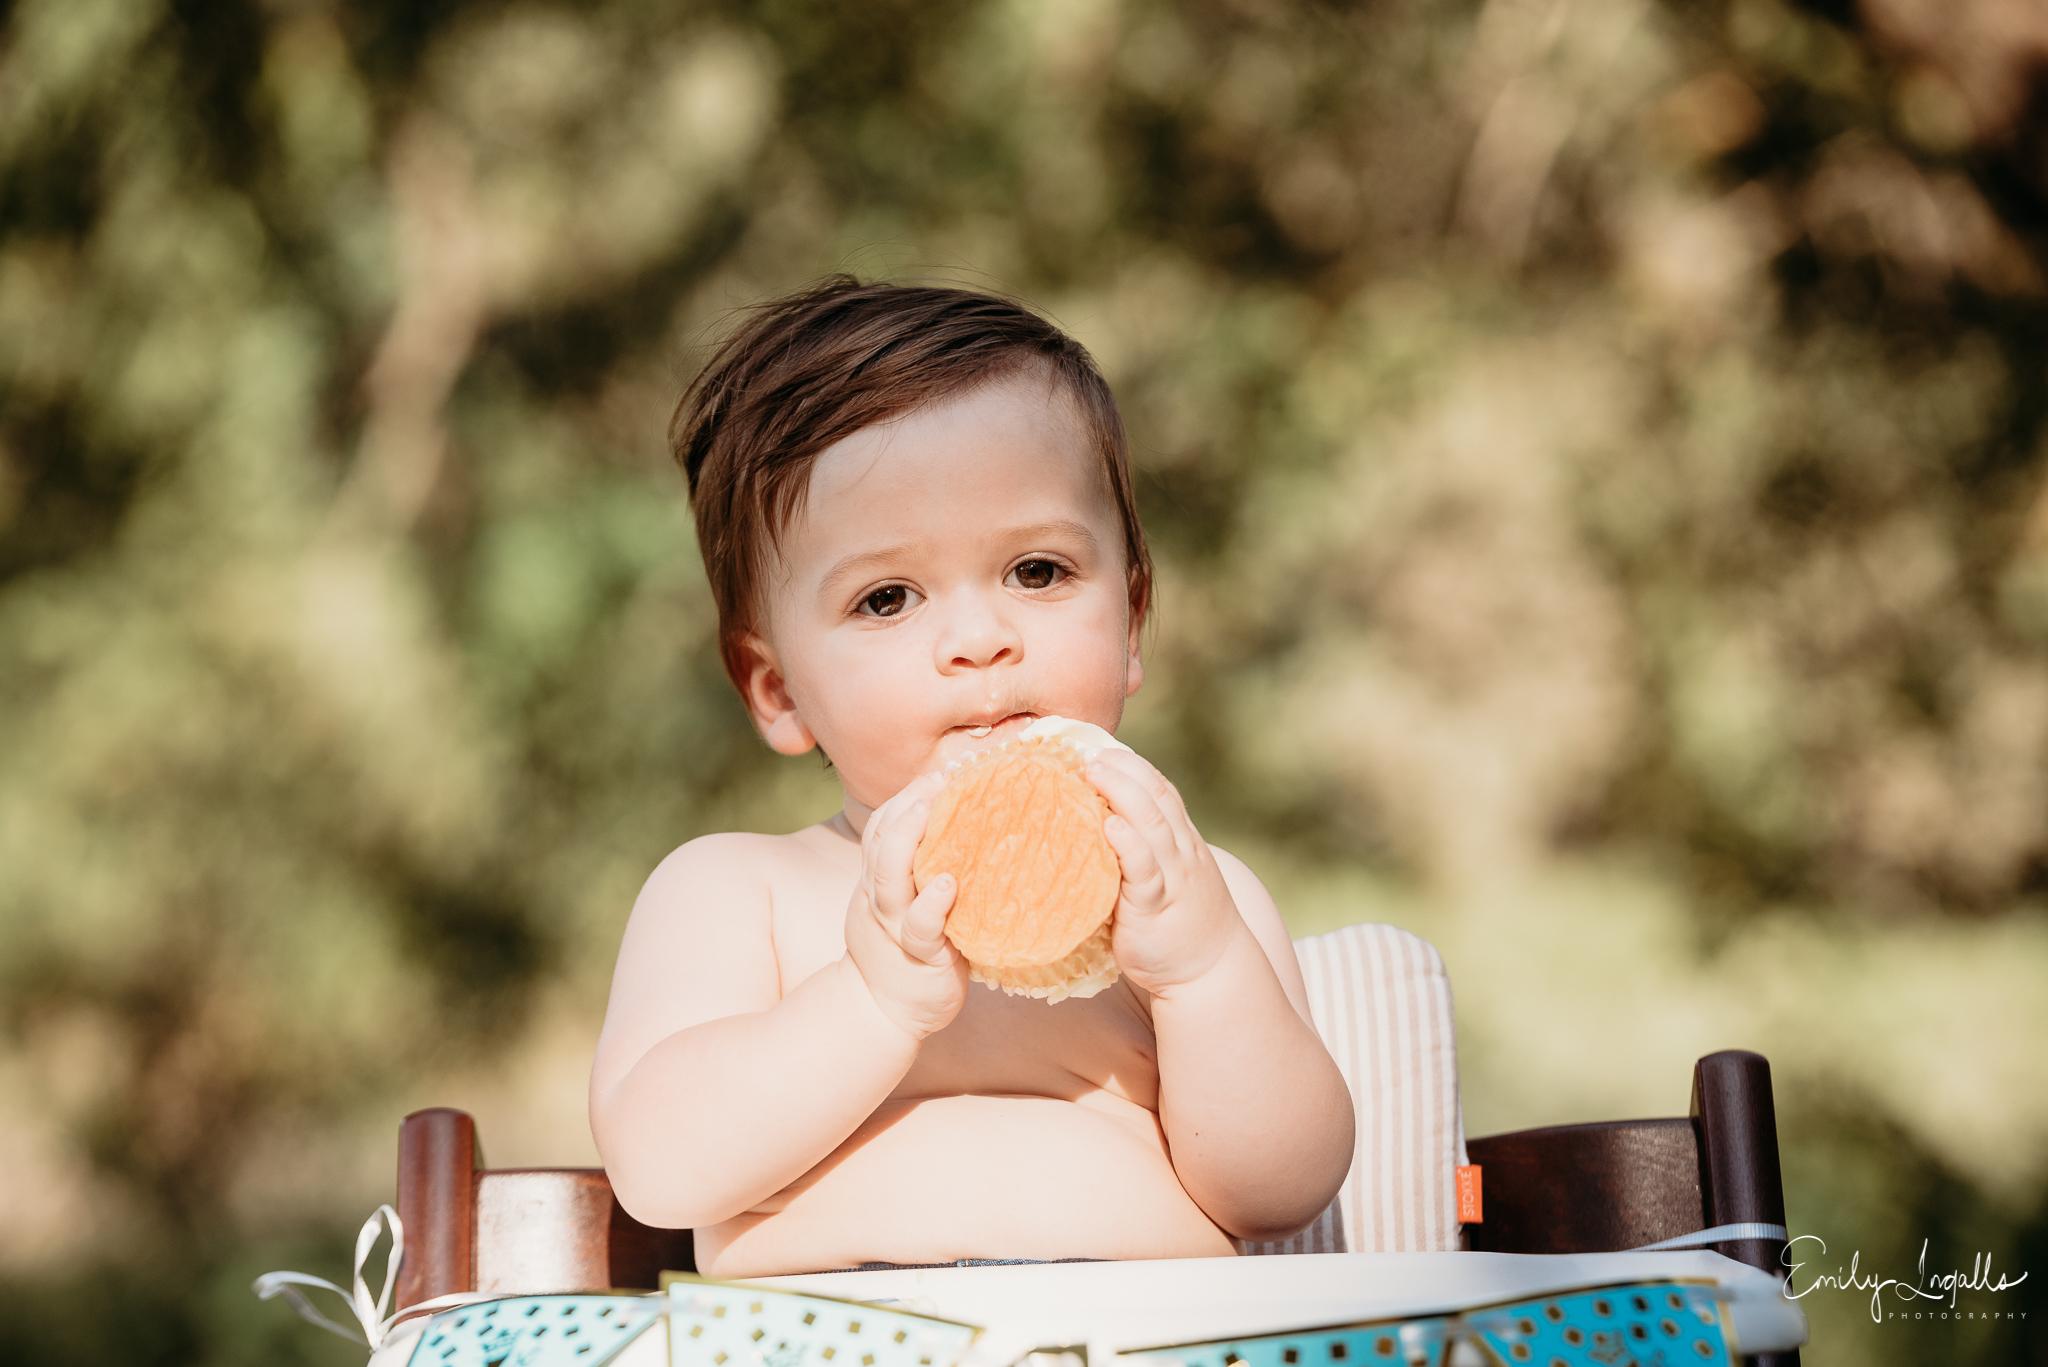 Smash Cake 1st brithday photography-Family Photographer_Round Rock Photographer_Emily Ingalls Photography_Austin Photographer_Pflugerville Photographer_Georgetown Photographer-4.jpg